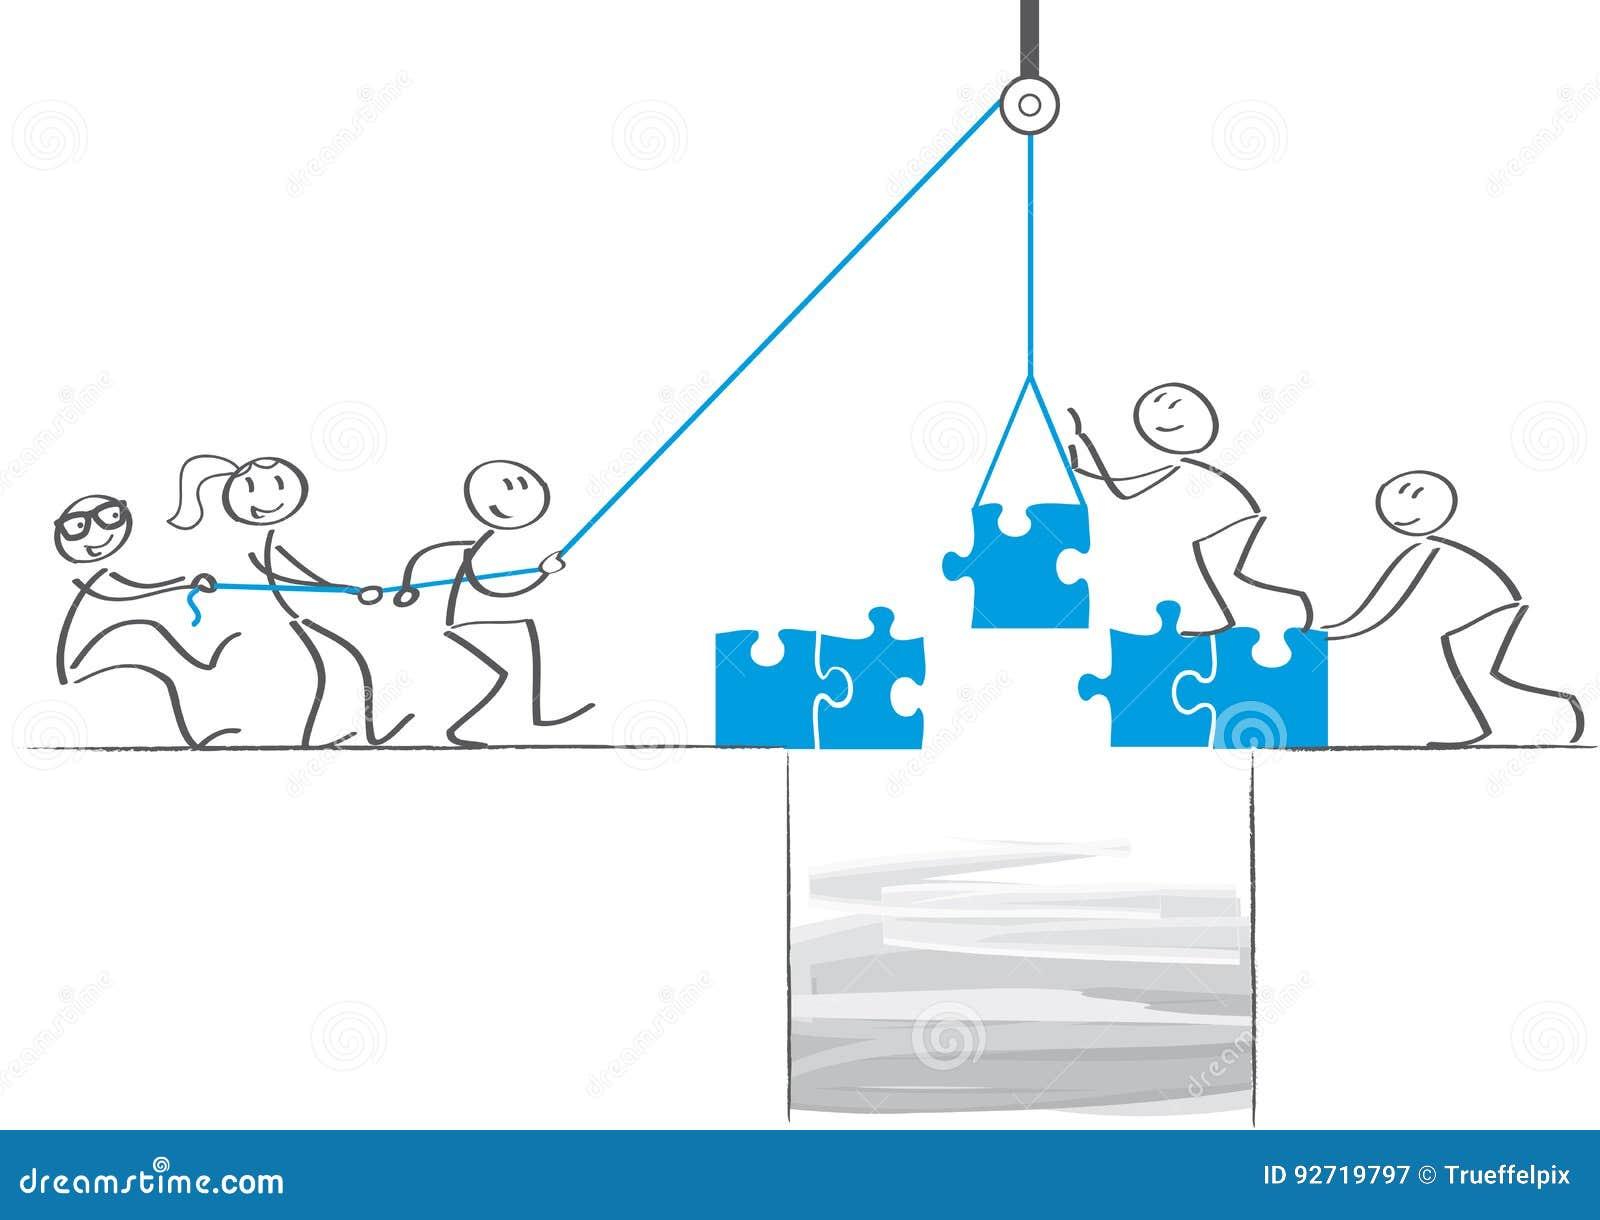 Сыгранность - бизнесмены сотрудничают и строить